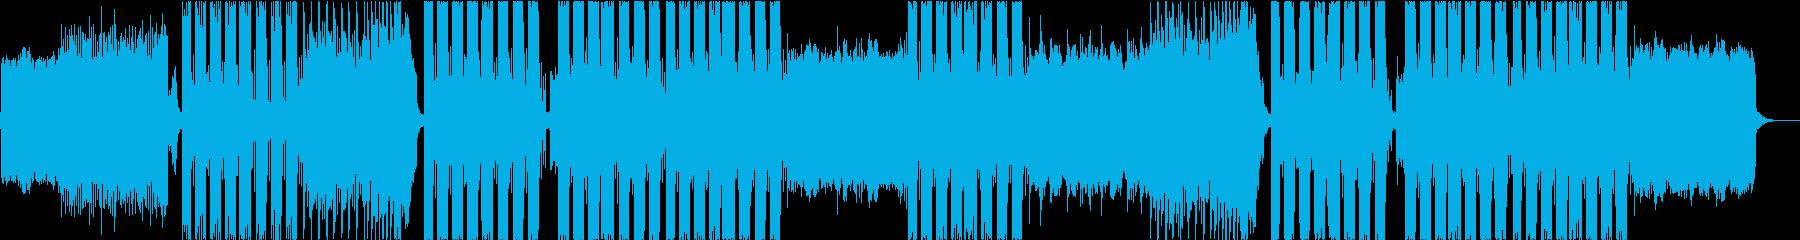 エネルギッシュでパワフルなヒップホップの再生済みの波形